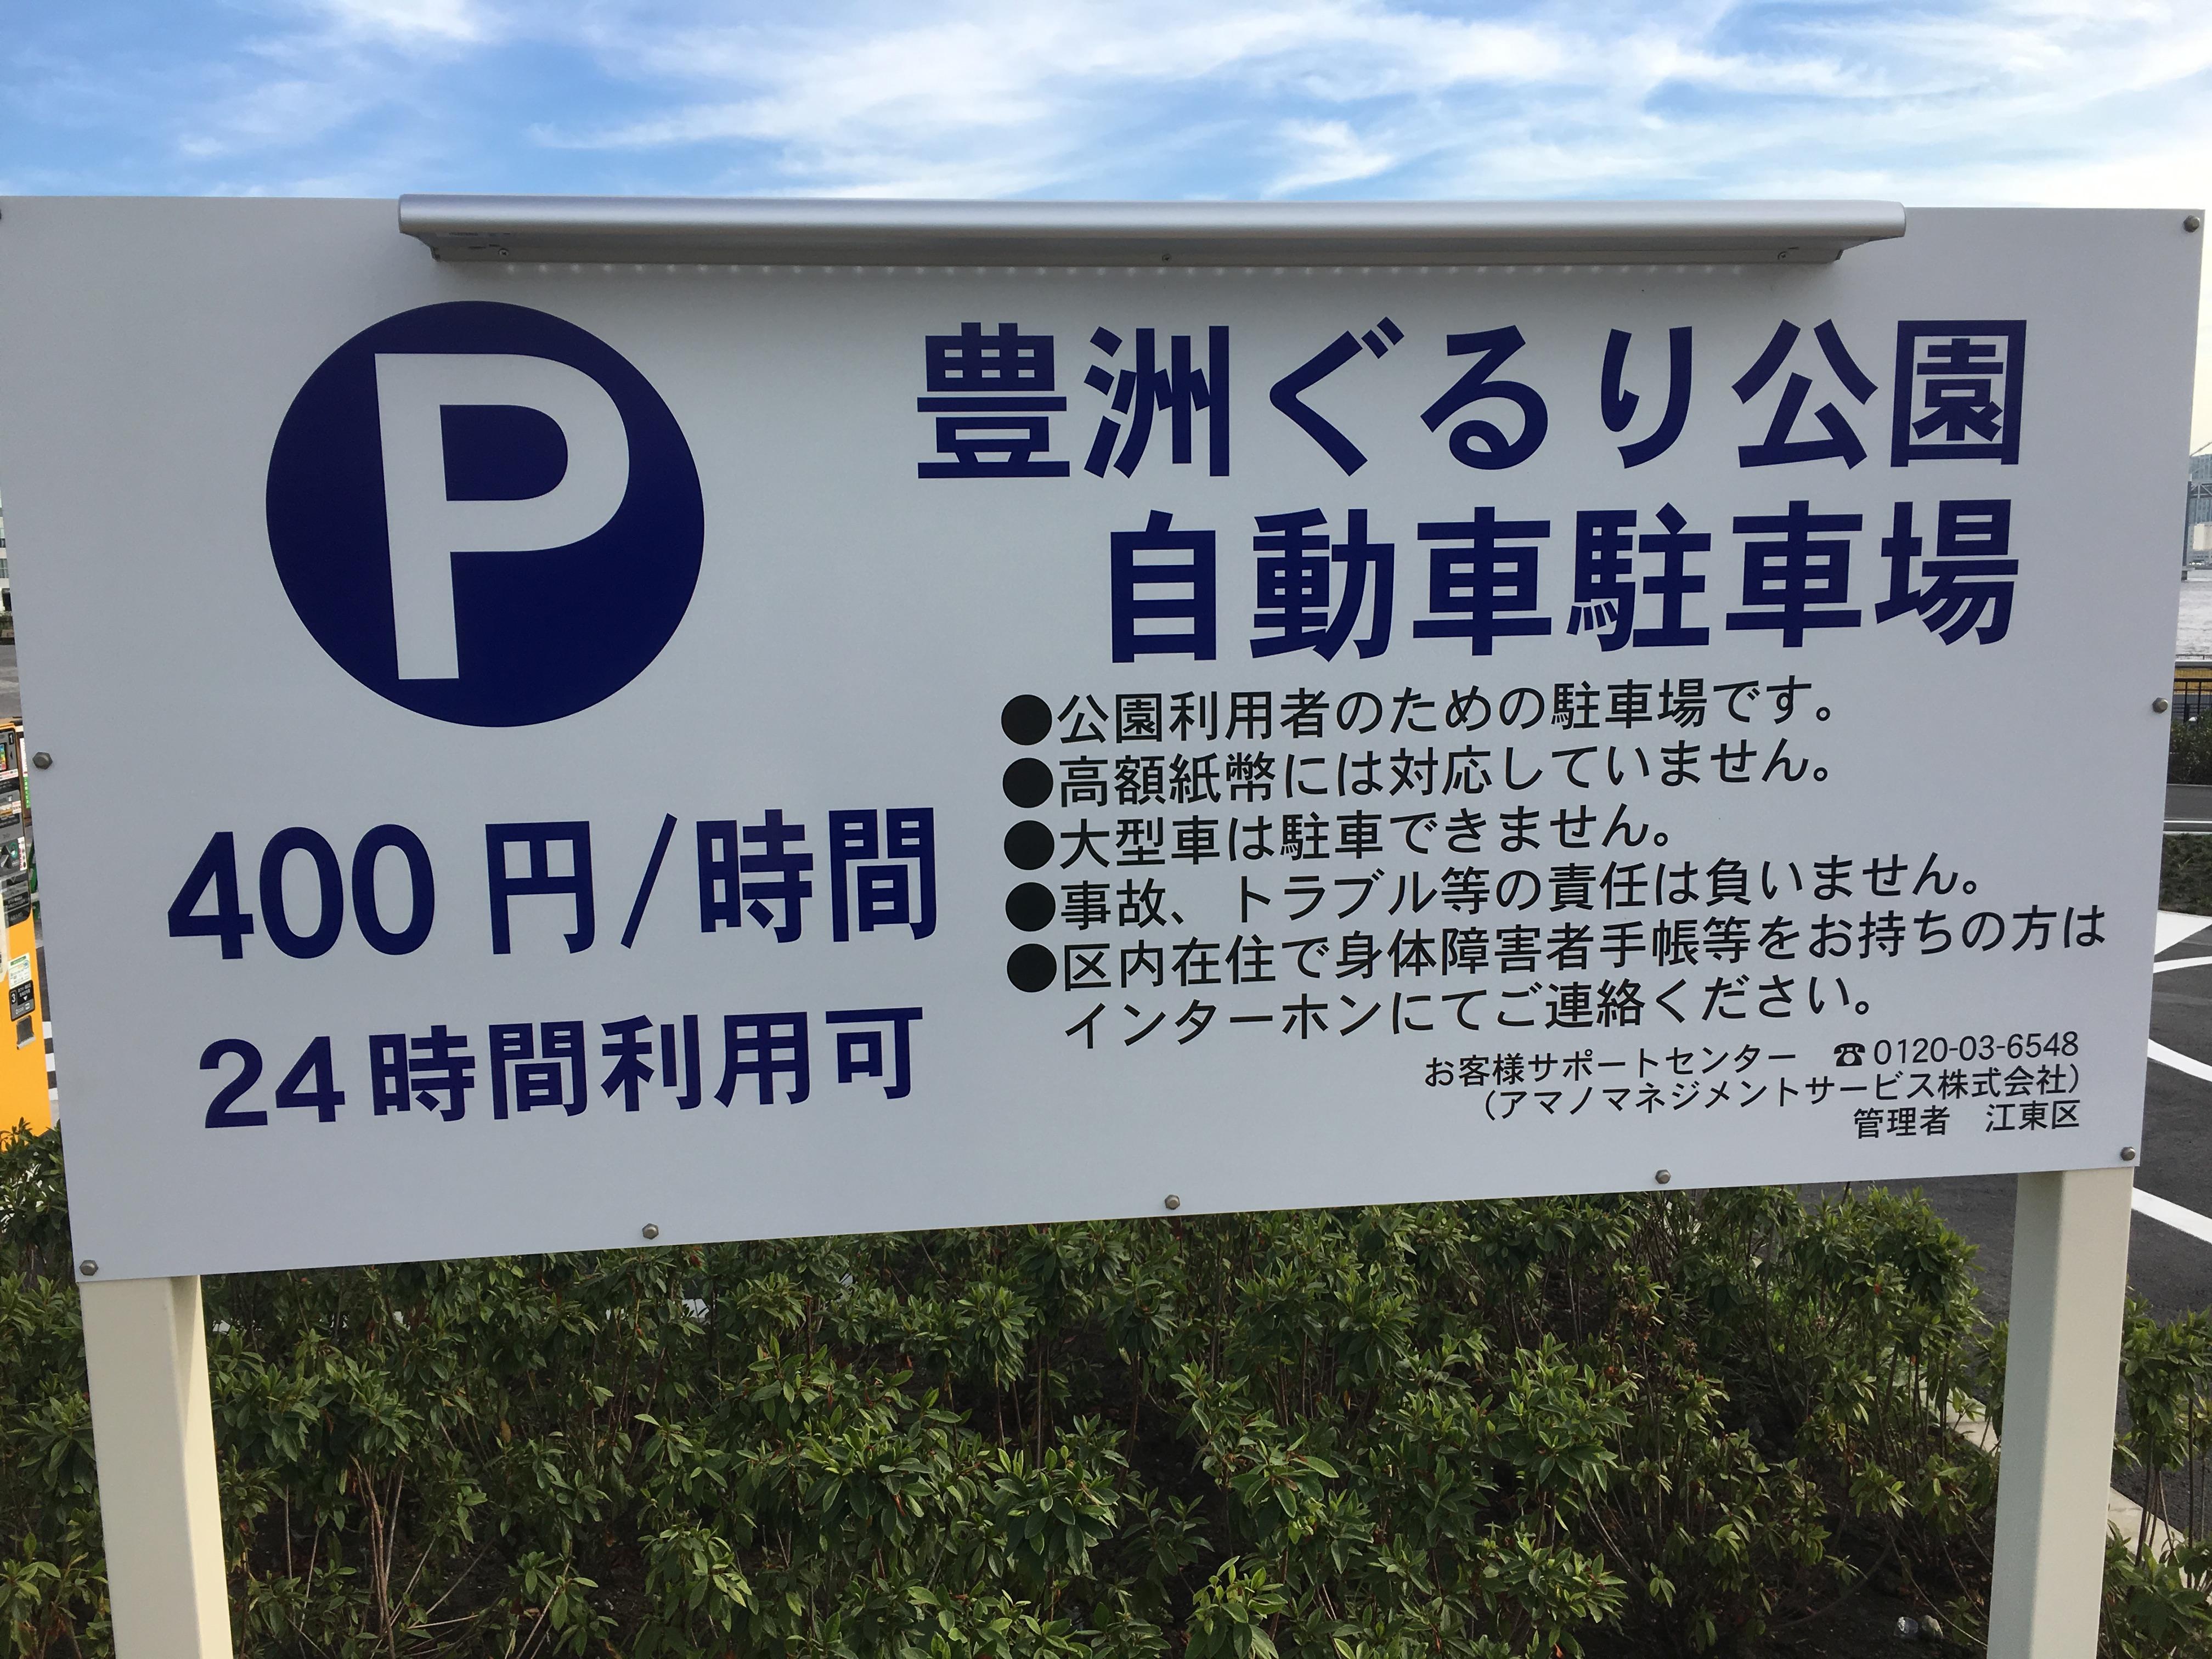 豊洲ぐるり公園 駐車場料金